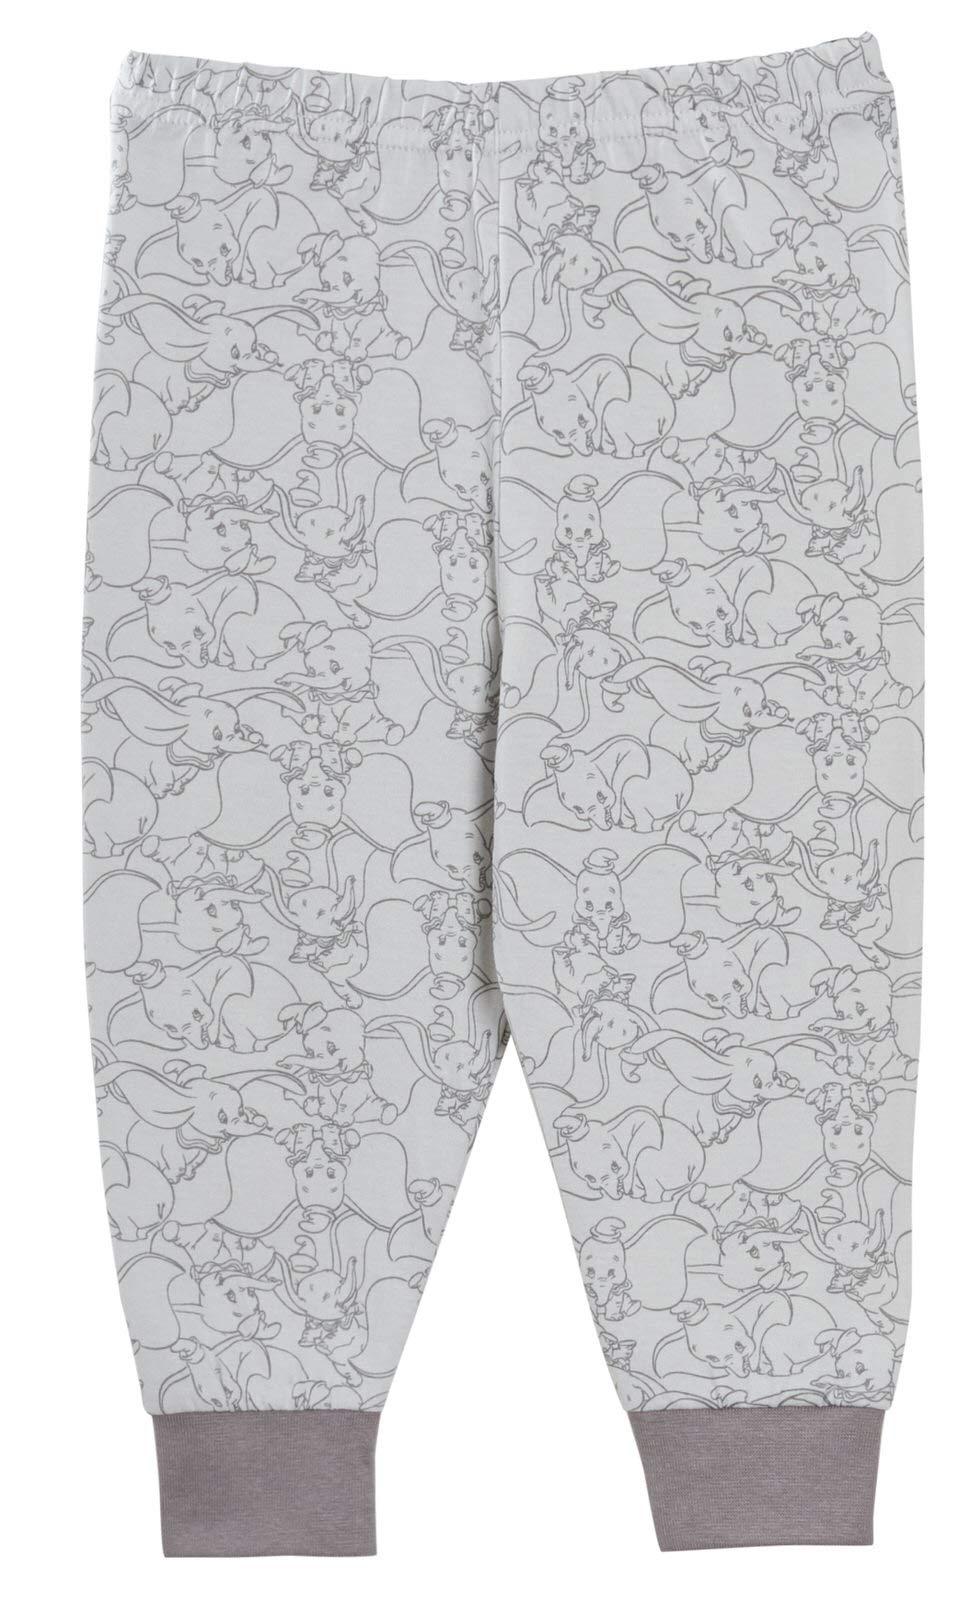 Pijama de Dumbo para bebé, niños y niñas, unisex, juego de pijamas de 2 piezas, de Disney 4